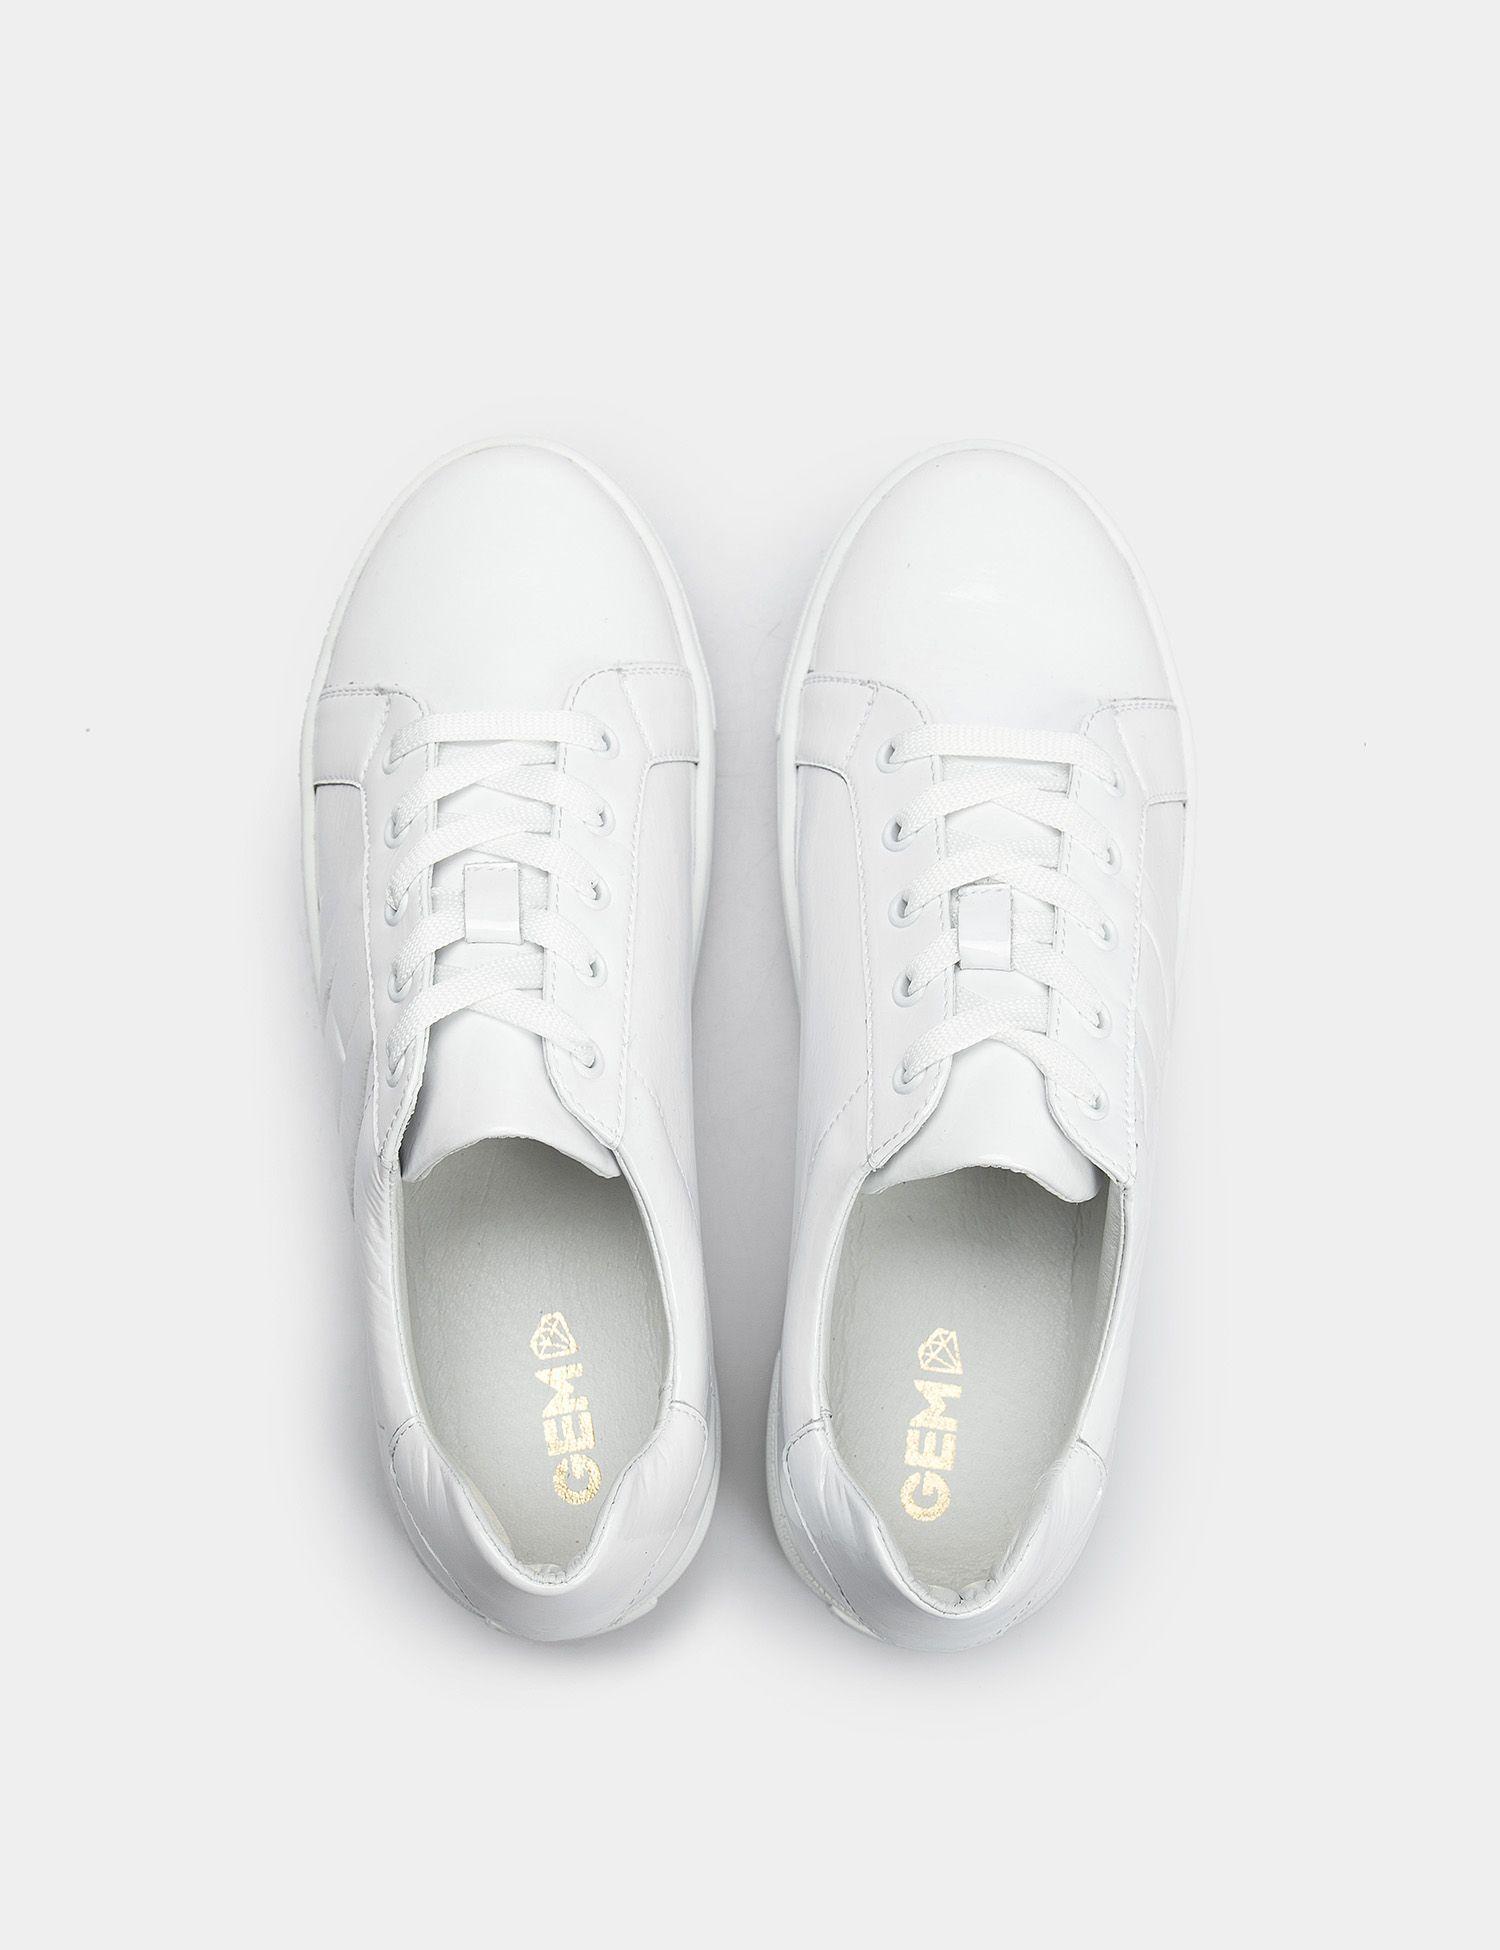 Кроссовки для женщин Кеды 71030280-1 белая кожа лакированя 71030280-1 фото, купить, 2017